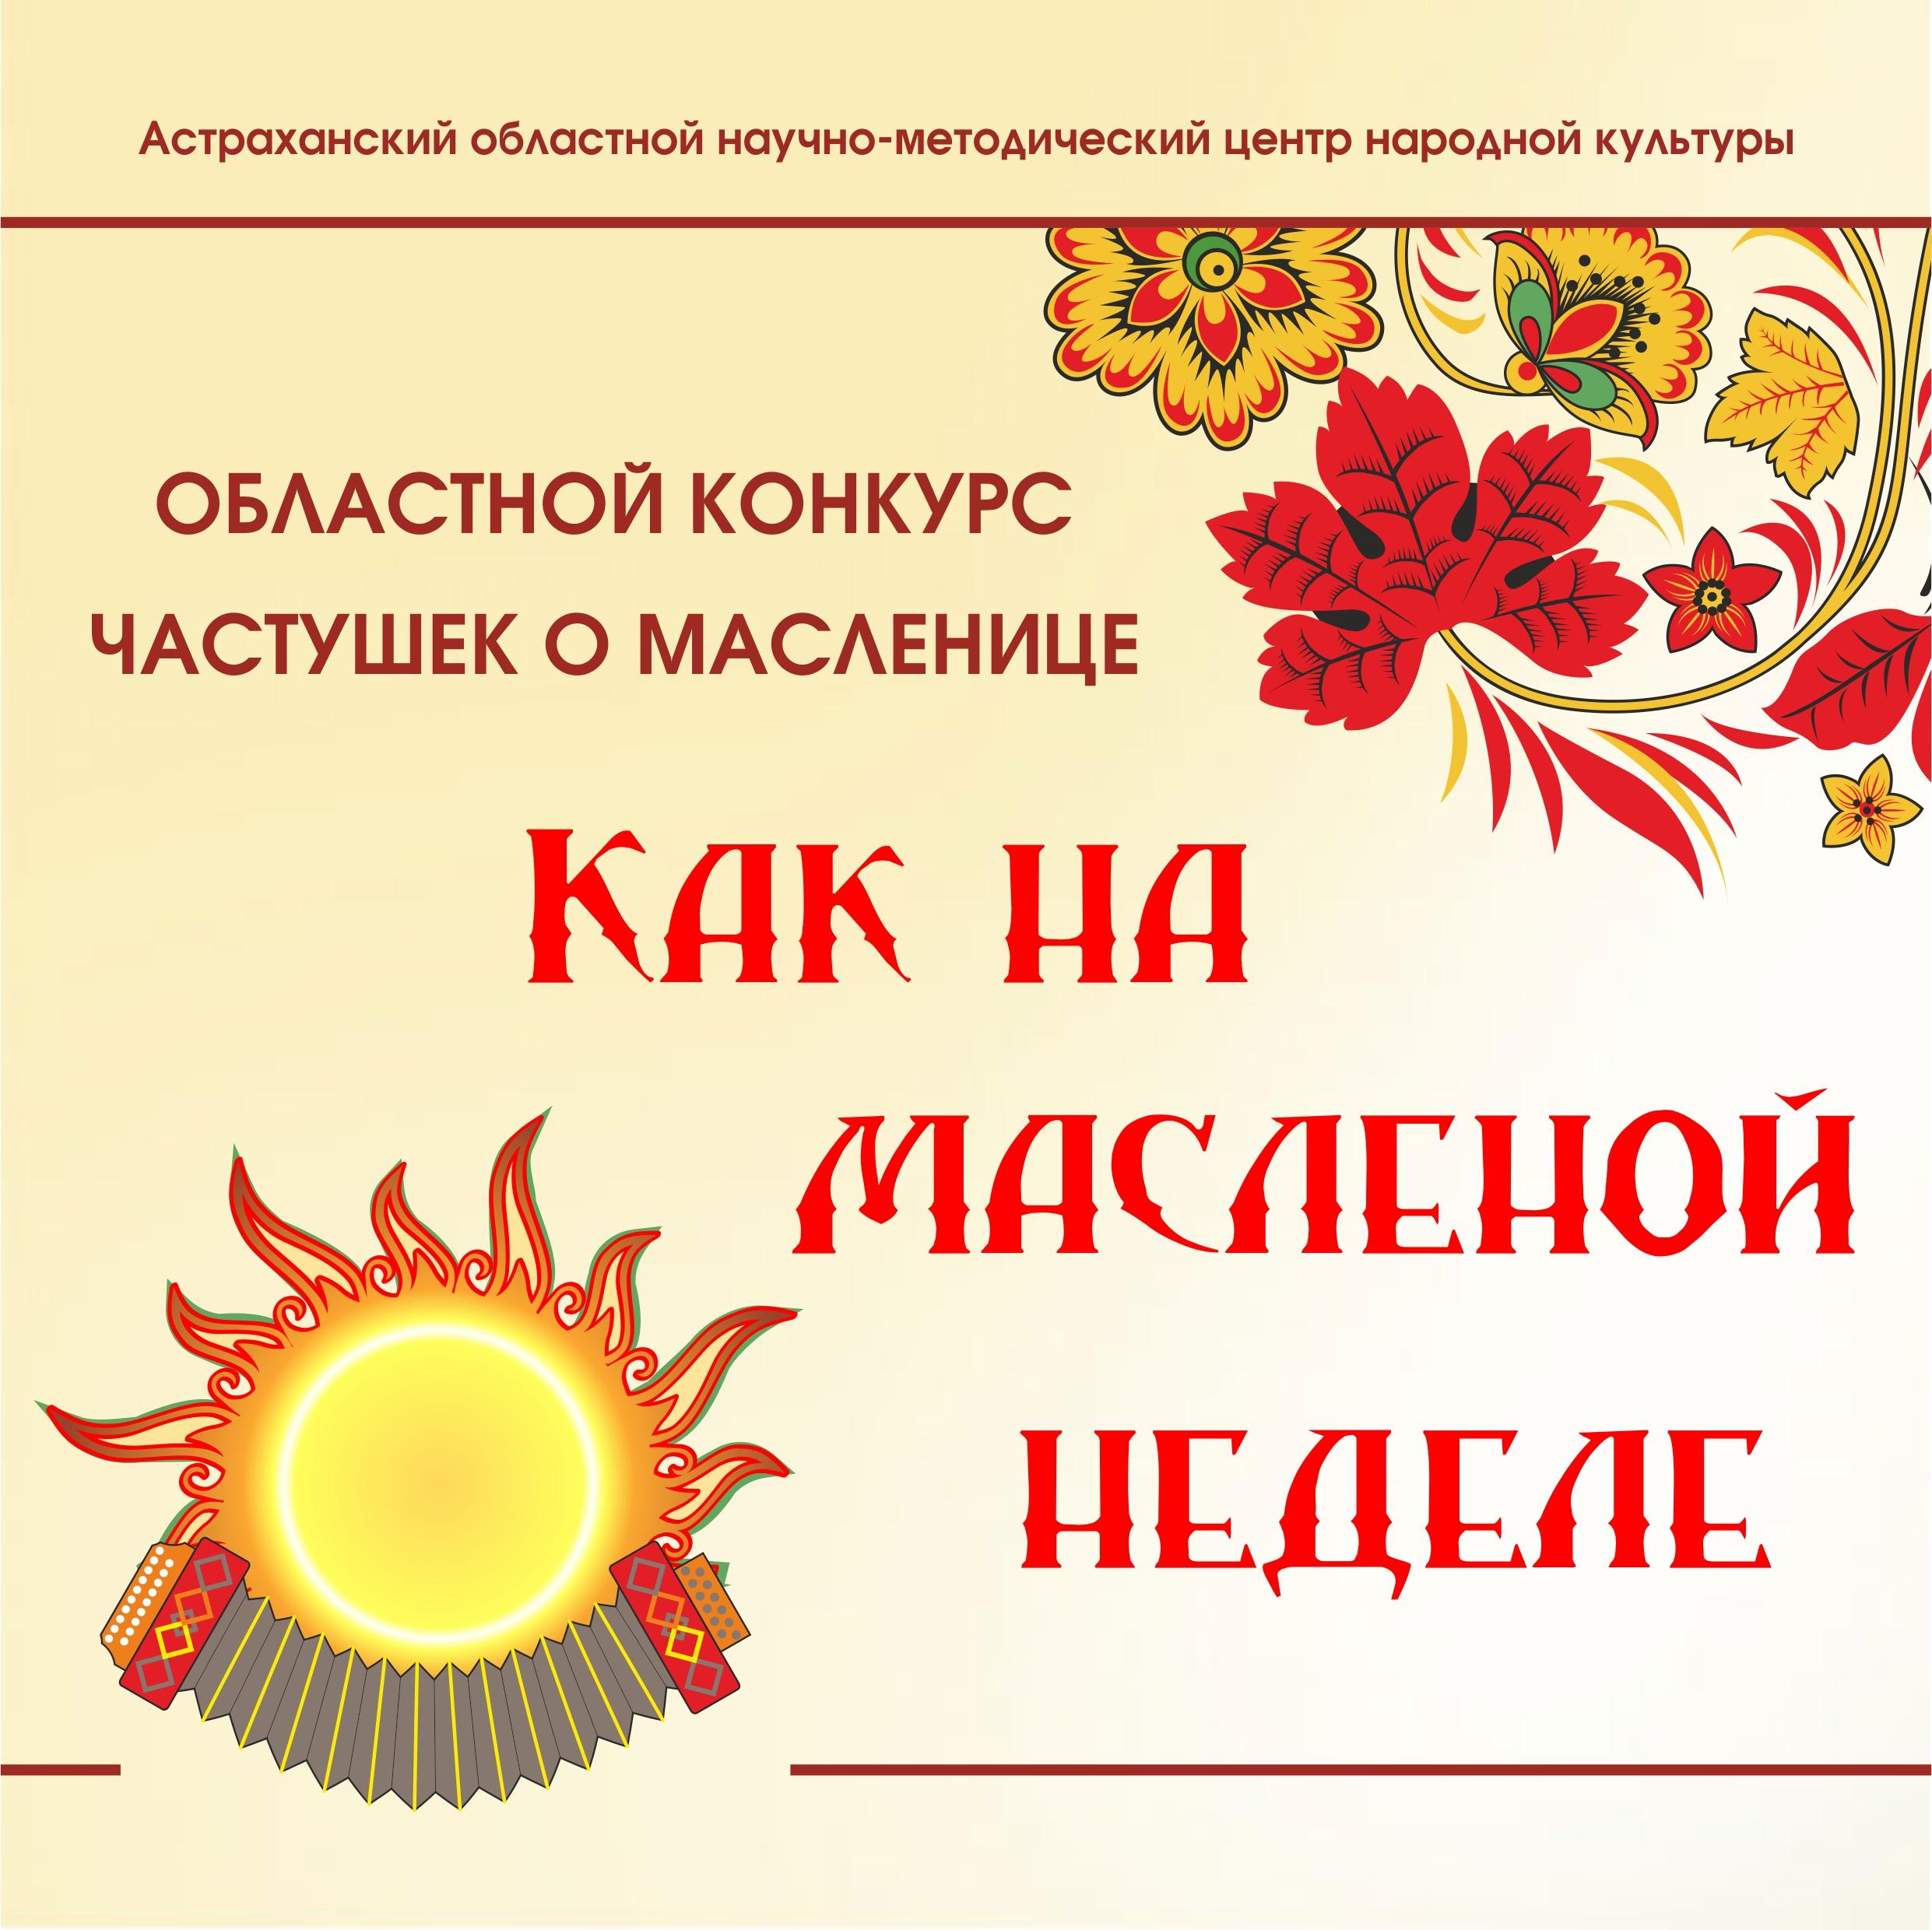 В Астрахани объявлен конкурс частушек о Масленице